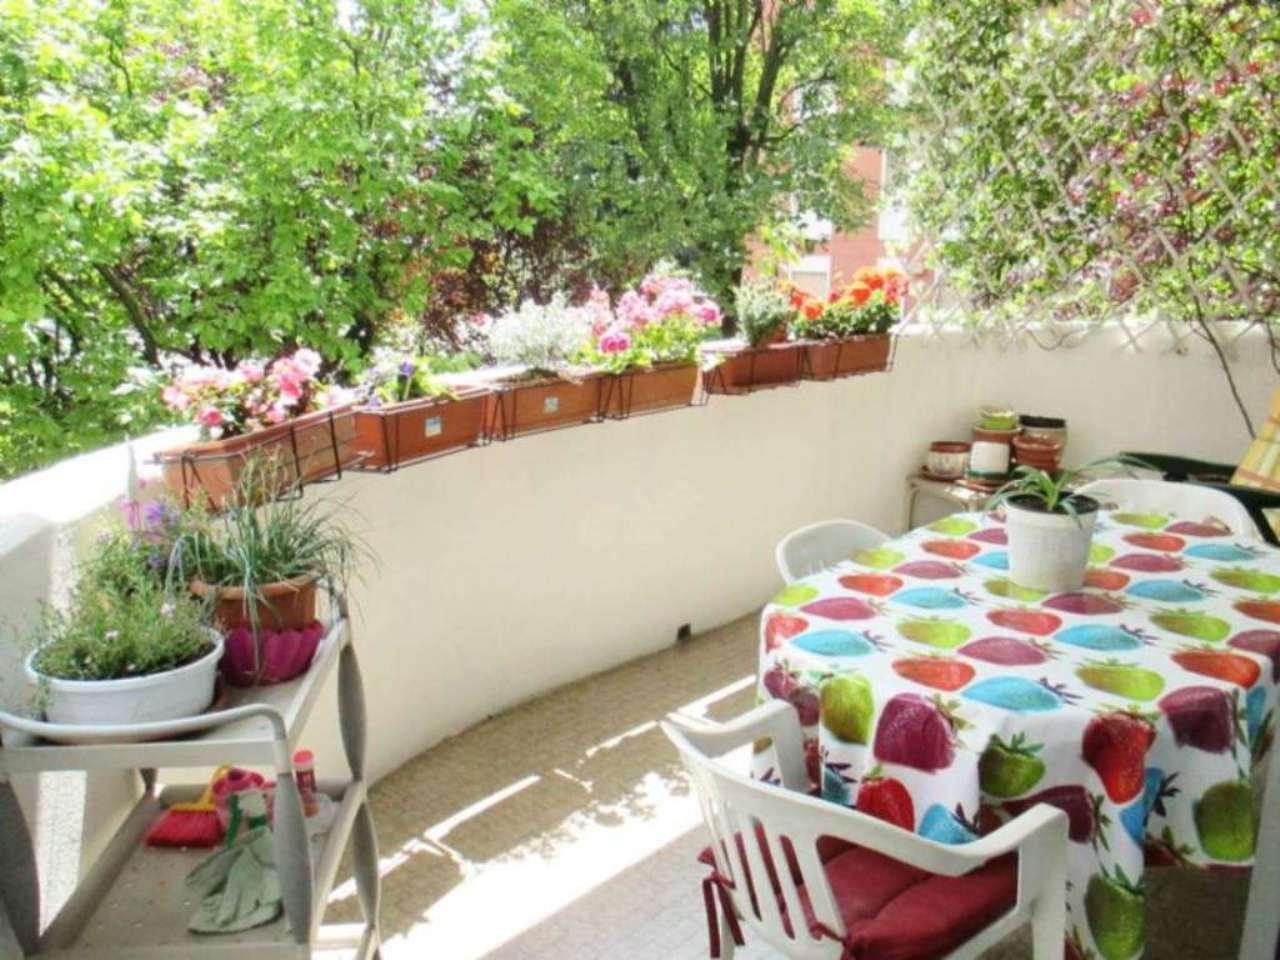 Appartamenti ville case e immobili in vendita a saronno for Case in vendita saronno